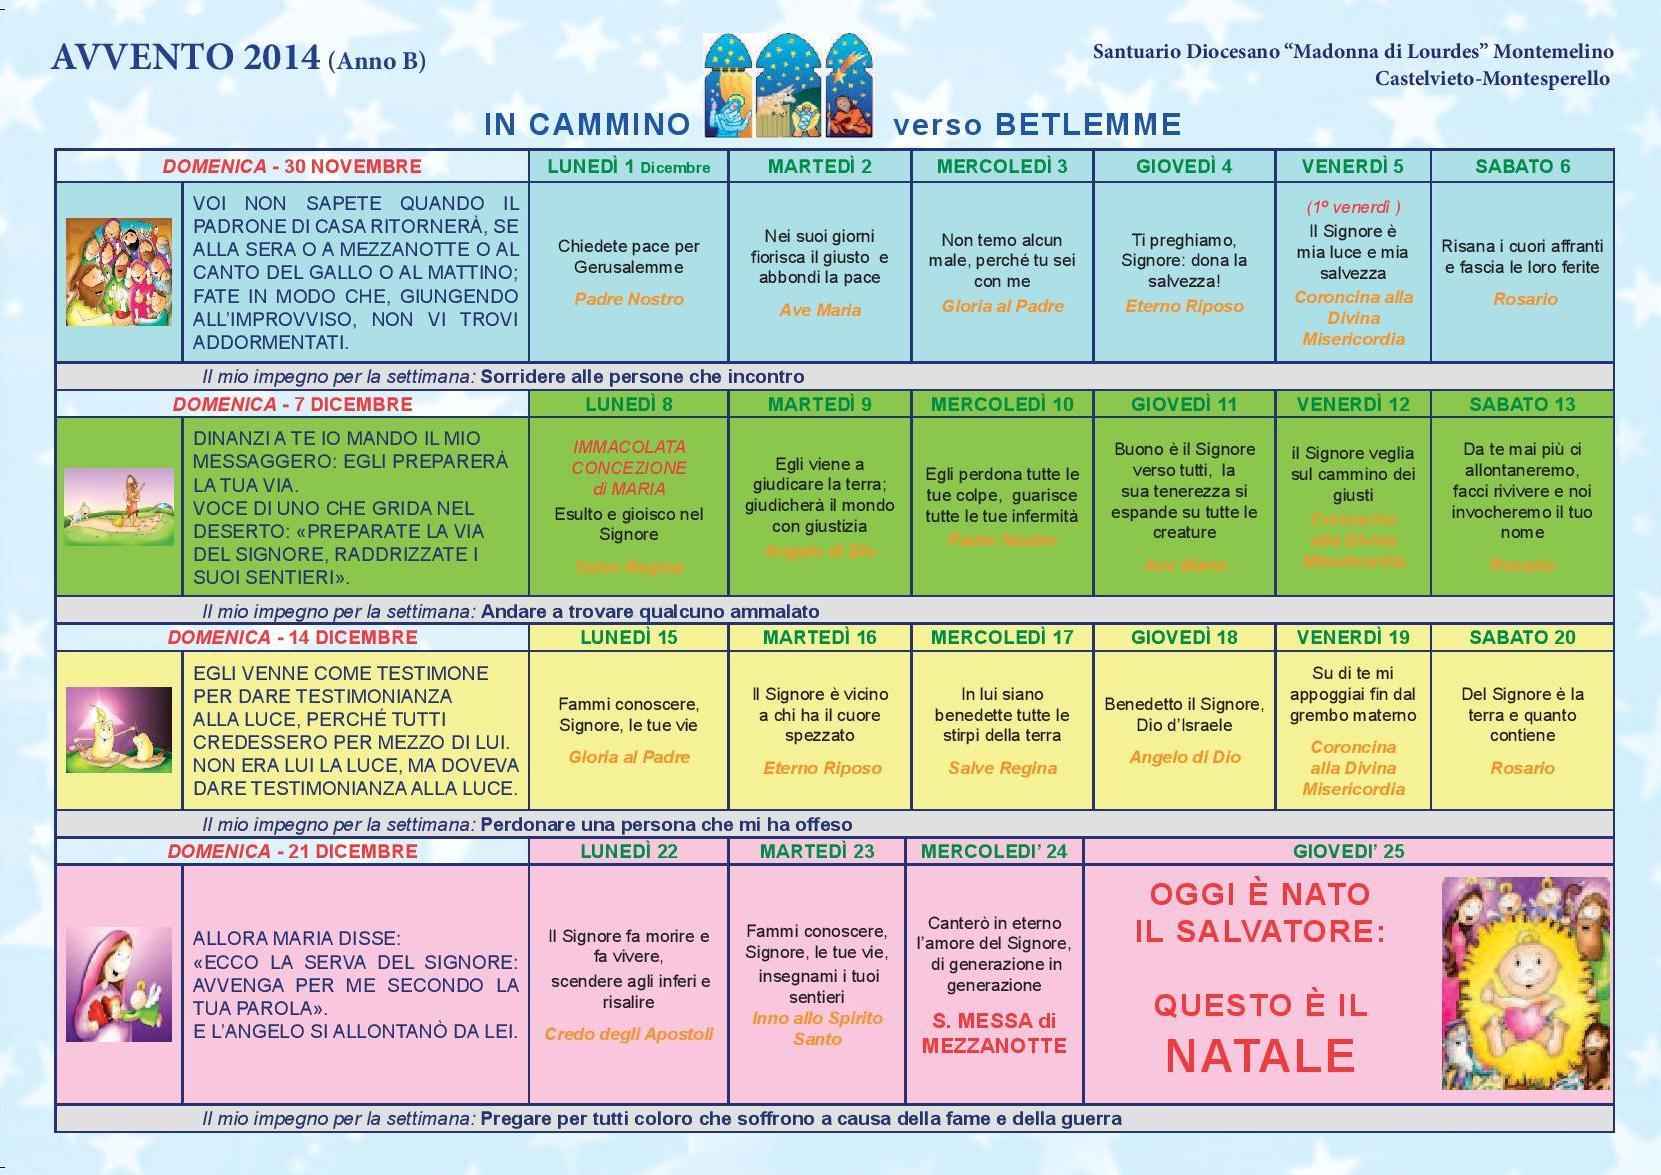 Calendario Cattolico.Avvento Anno B In Cammino Verso Betlemme Parrocchia Don Bosco